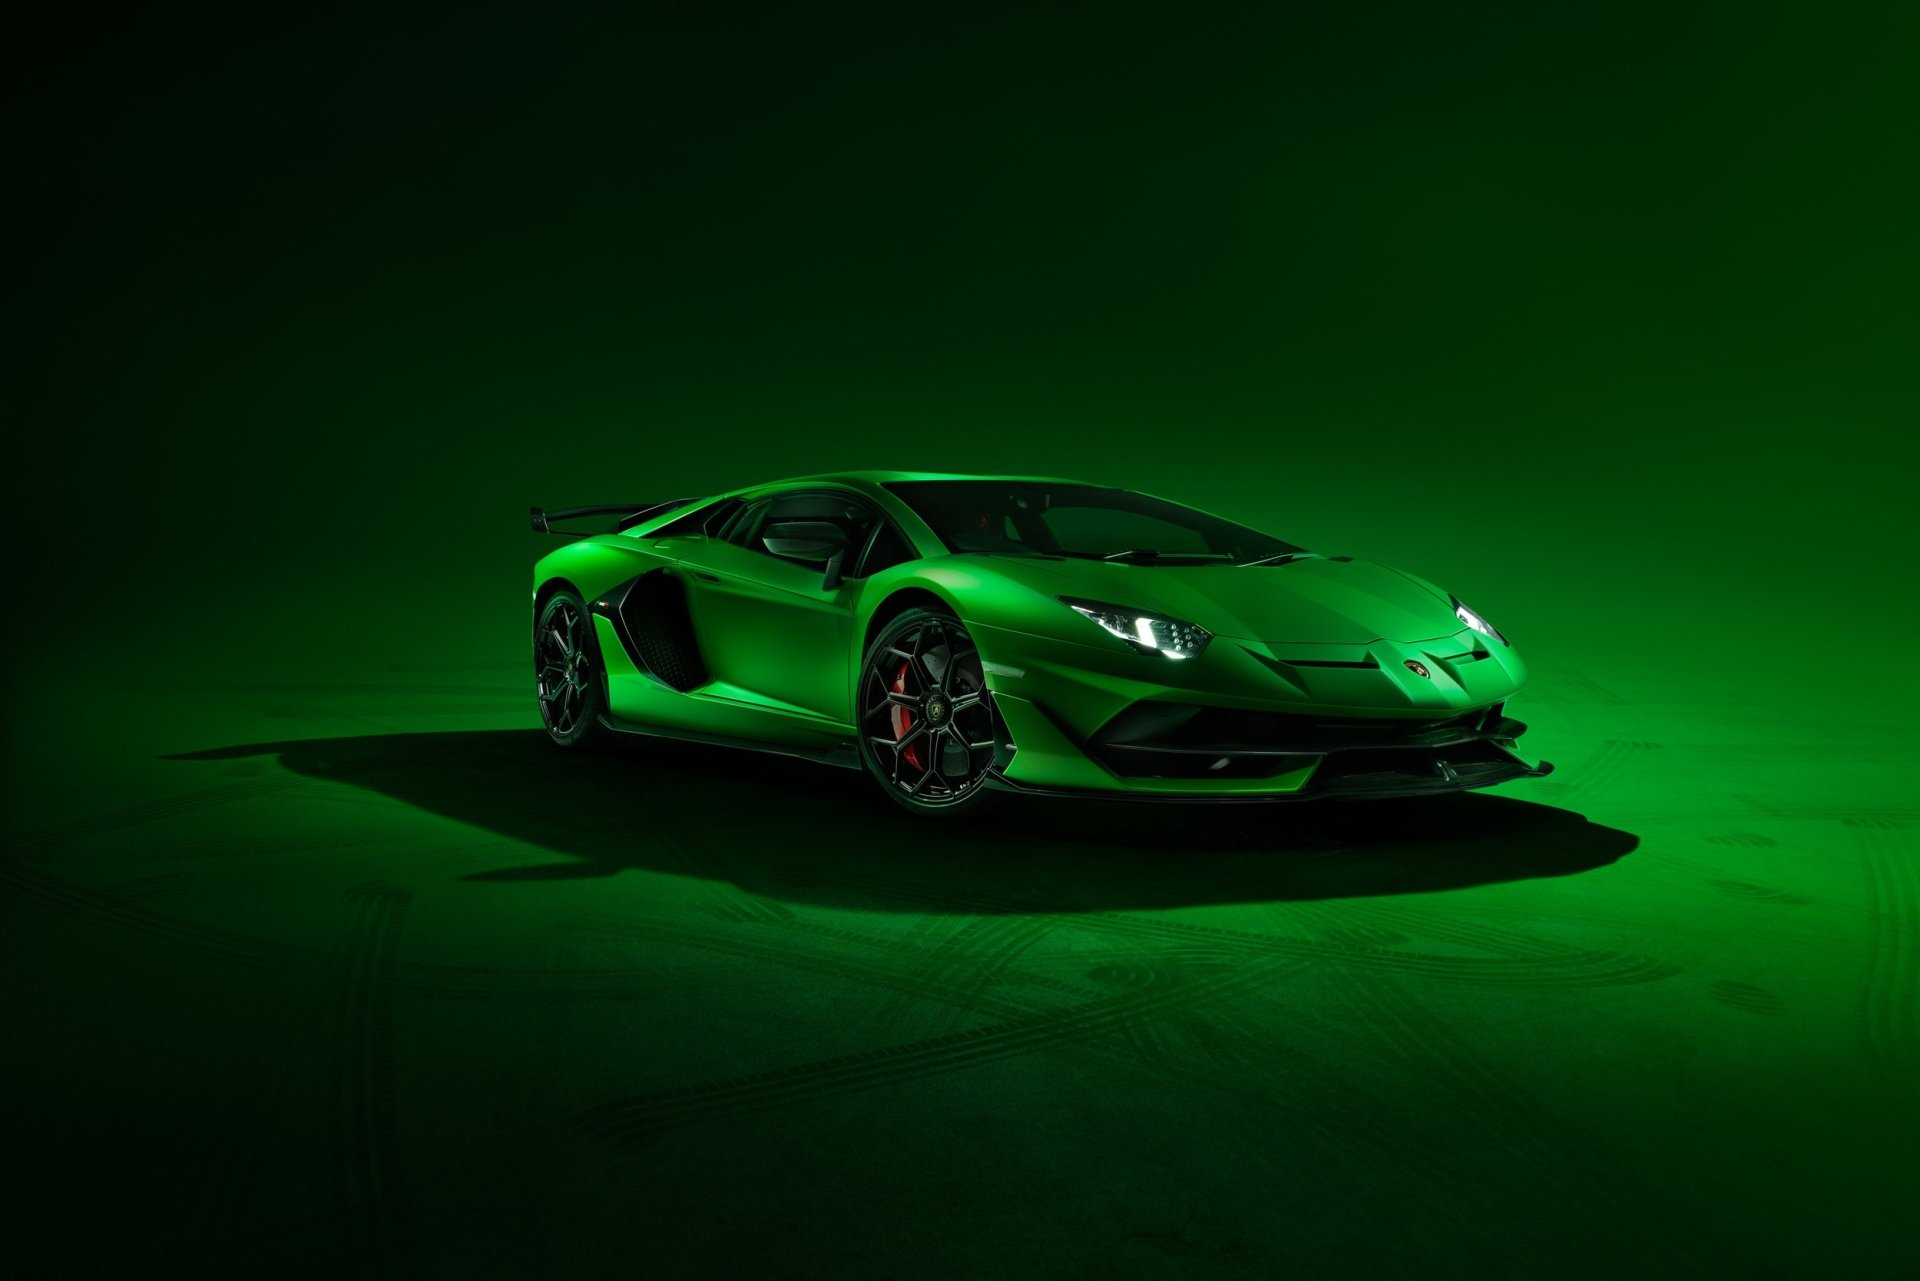 The auto editors of consumer guide lamborghini sports cars are to some th. 70 Lamborghini Aventador Svj Hd Wallpapers Background Images